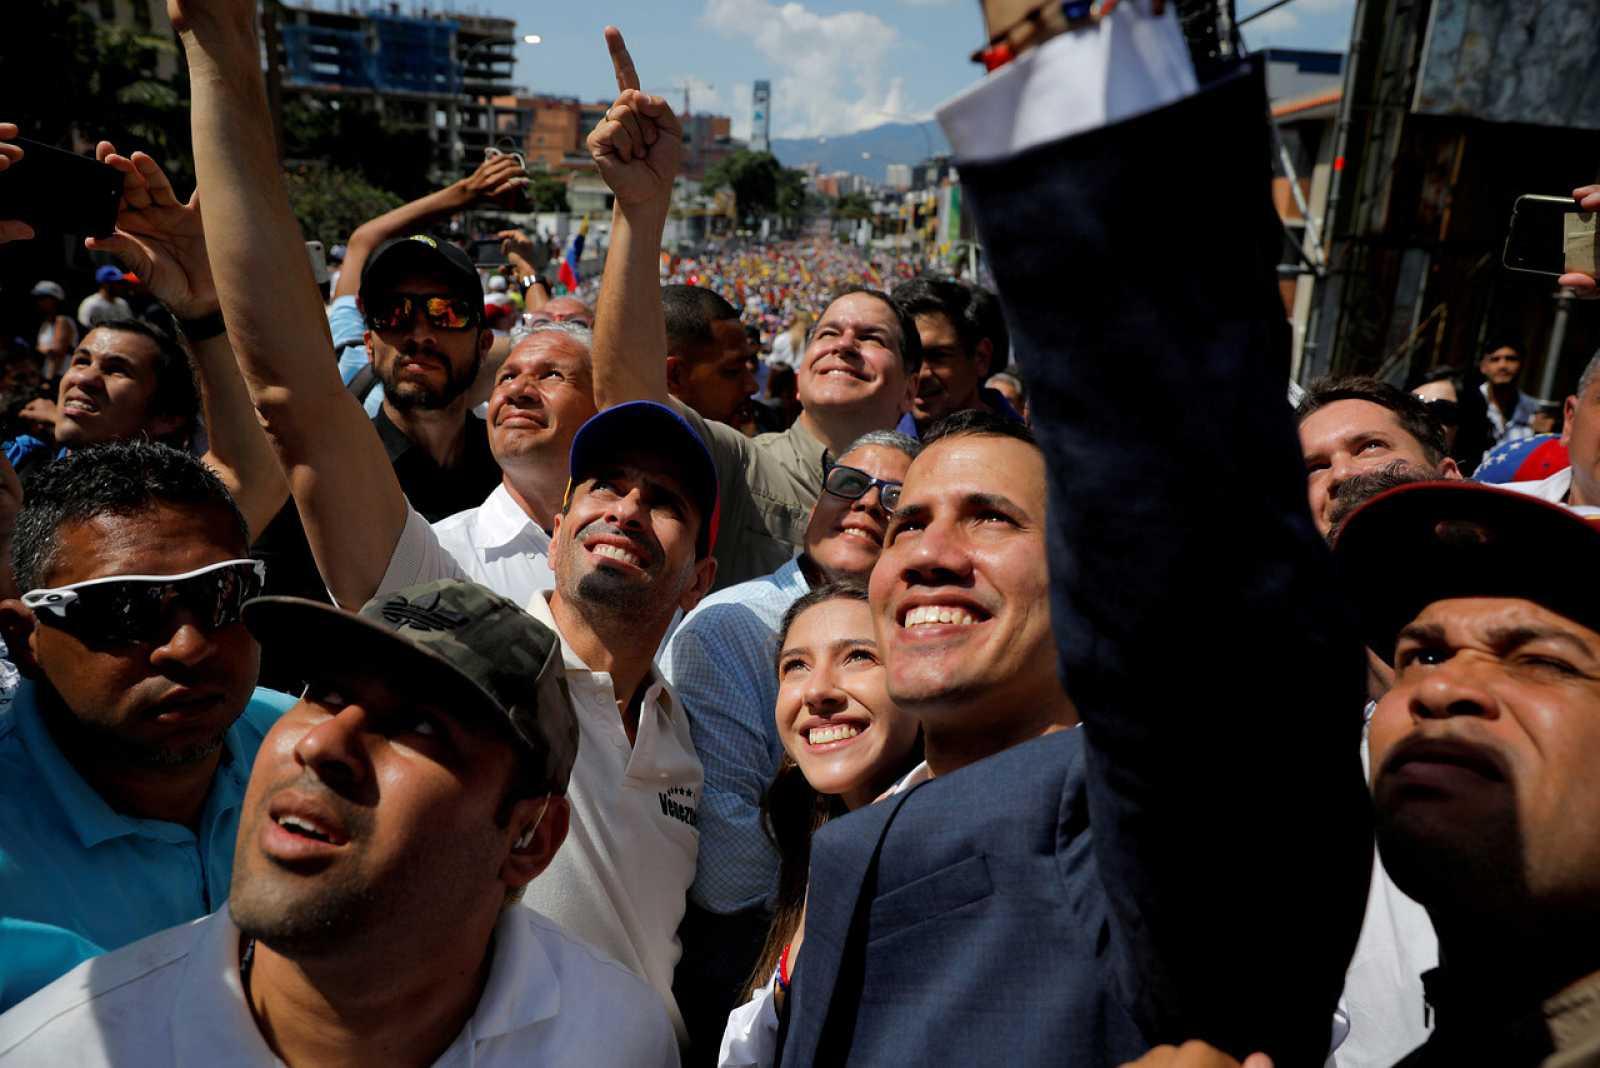 El líder de la Asamblea Nacional, Juan Guaidó y Henrique Capriles asisten a un mitin contra el gobierno del presidente venezolano Nicolás Maduro en Caracas, Venezuela.